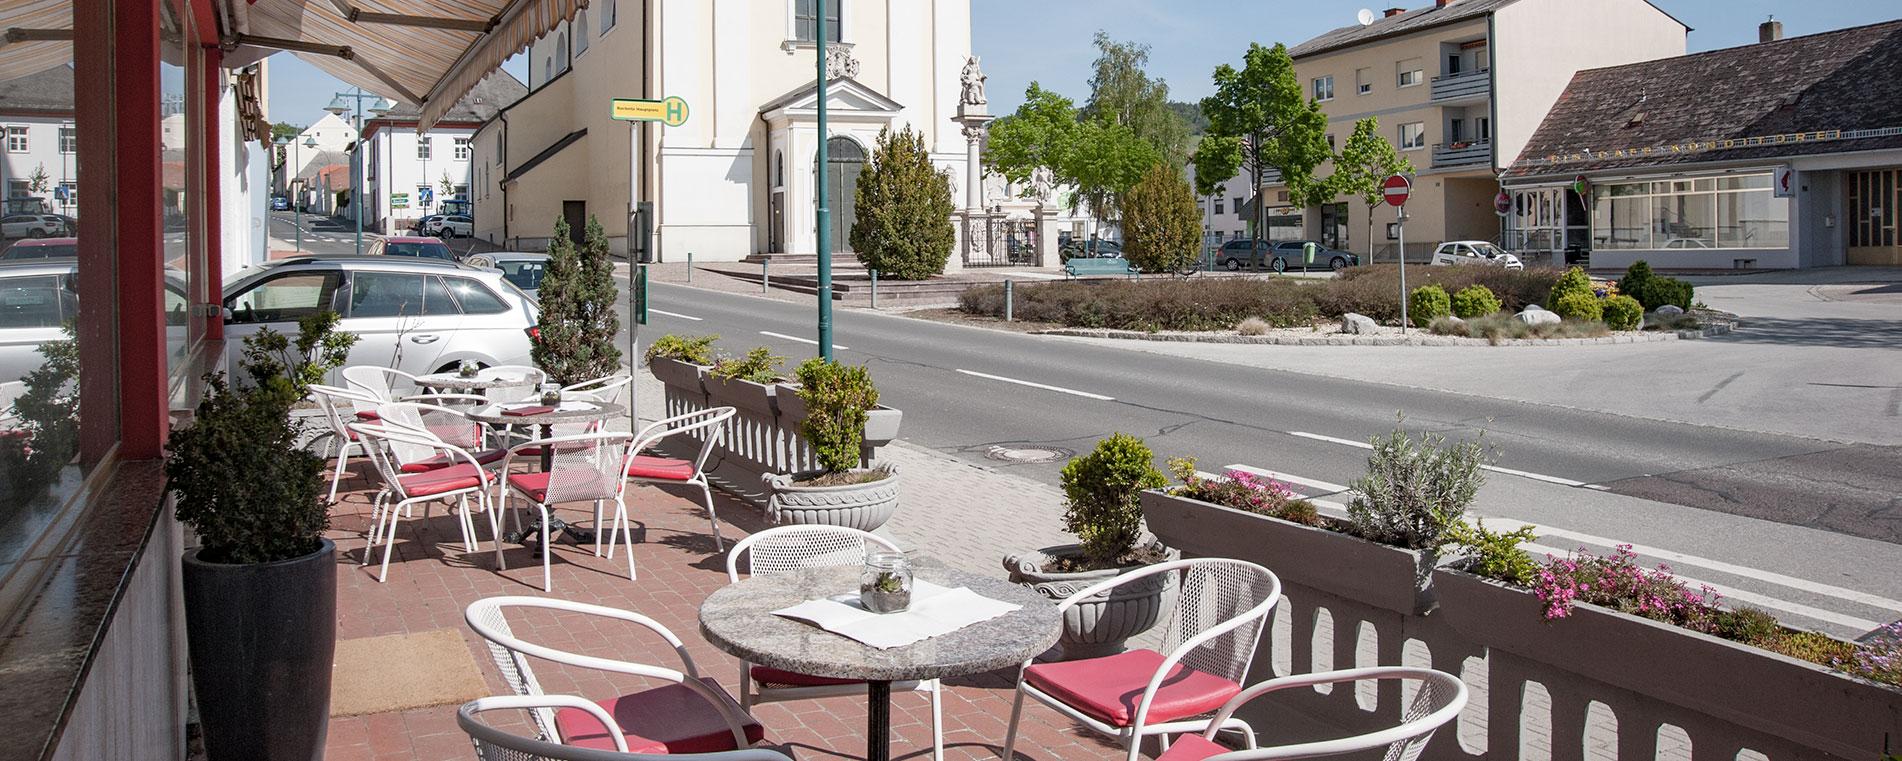 Café & Zimmer am Hauptplatz in Rechnitz